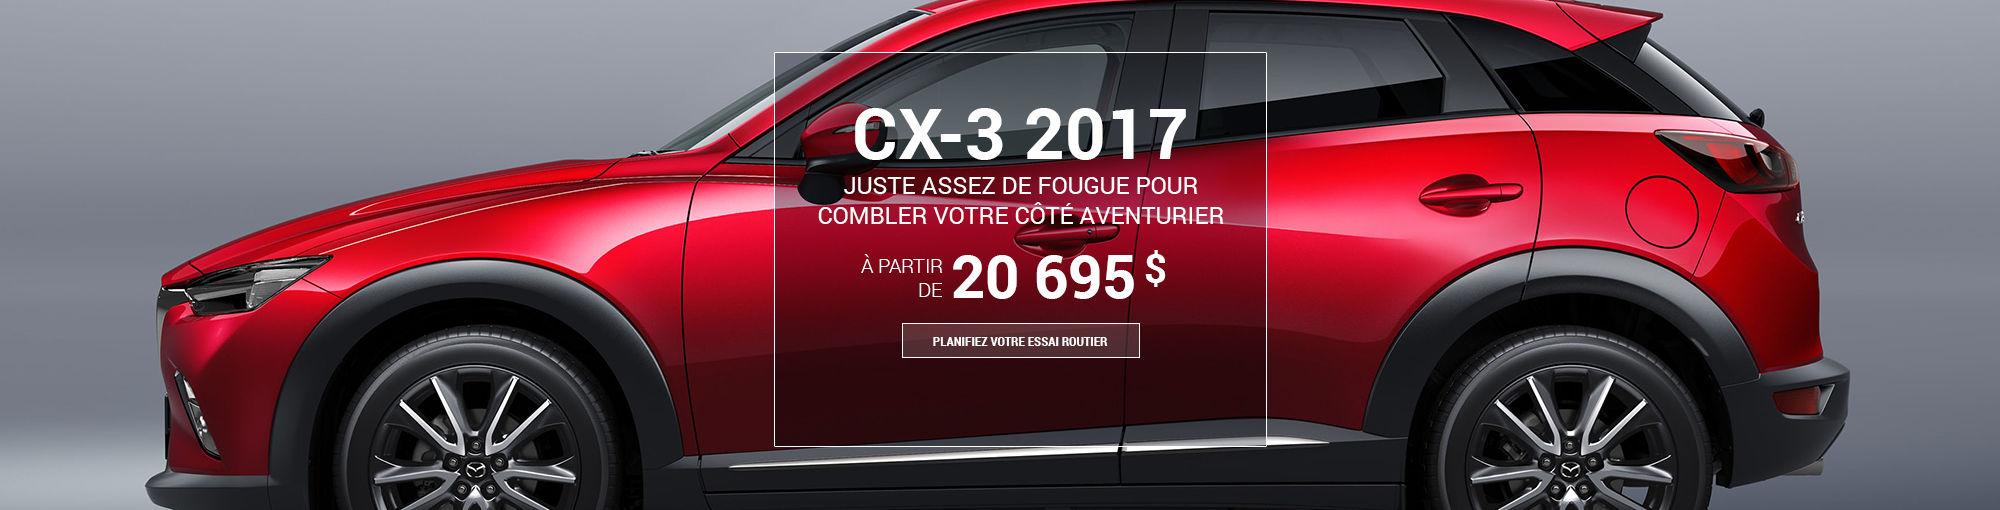 CX3 2017 - DÉBUT MOIS